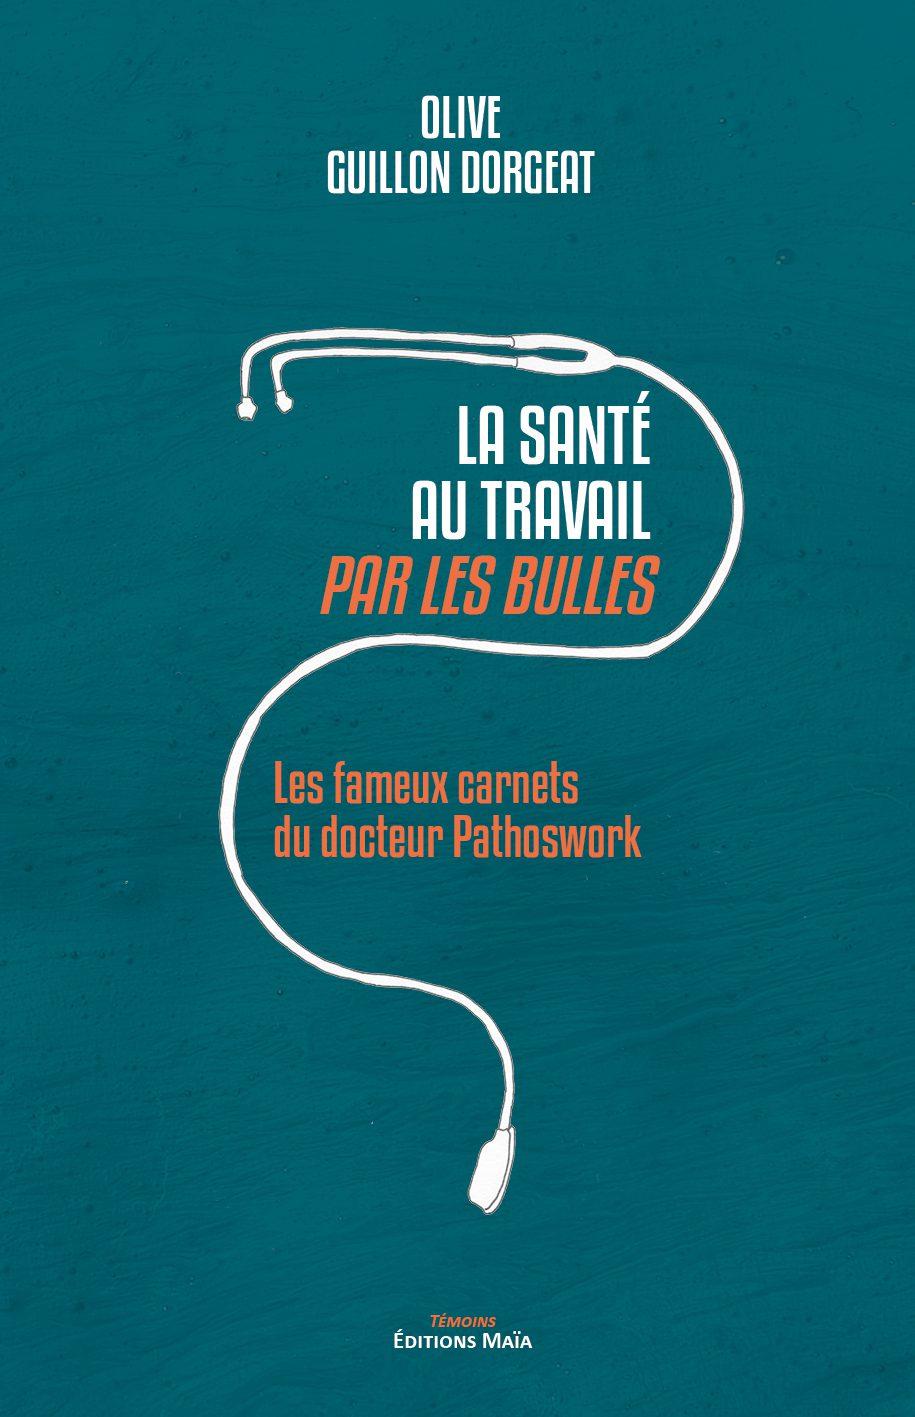 Entretien avec Olive Guillon Dorgeat – La Santé au travail par les bulles